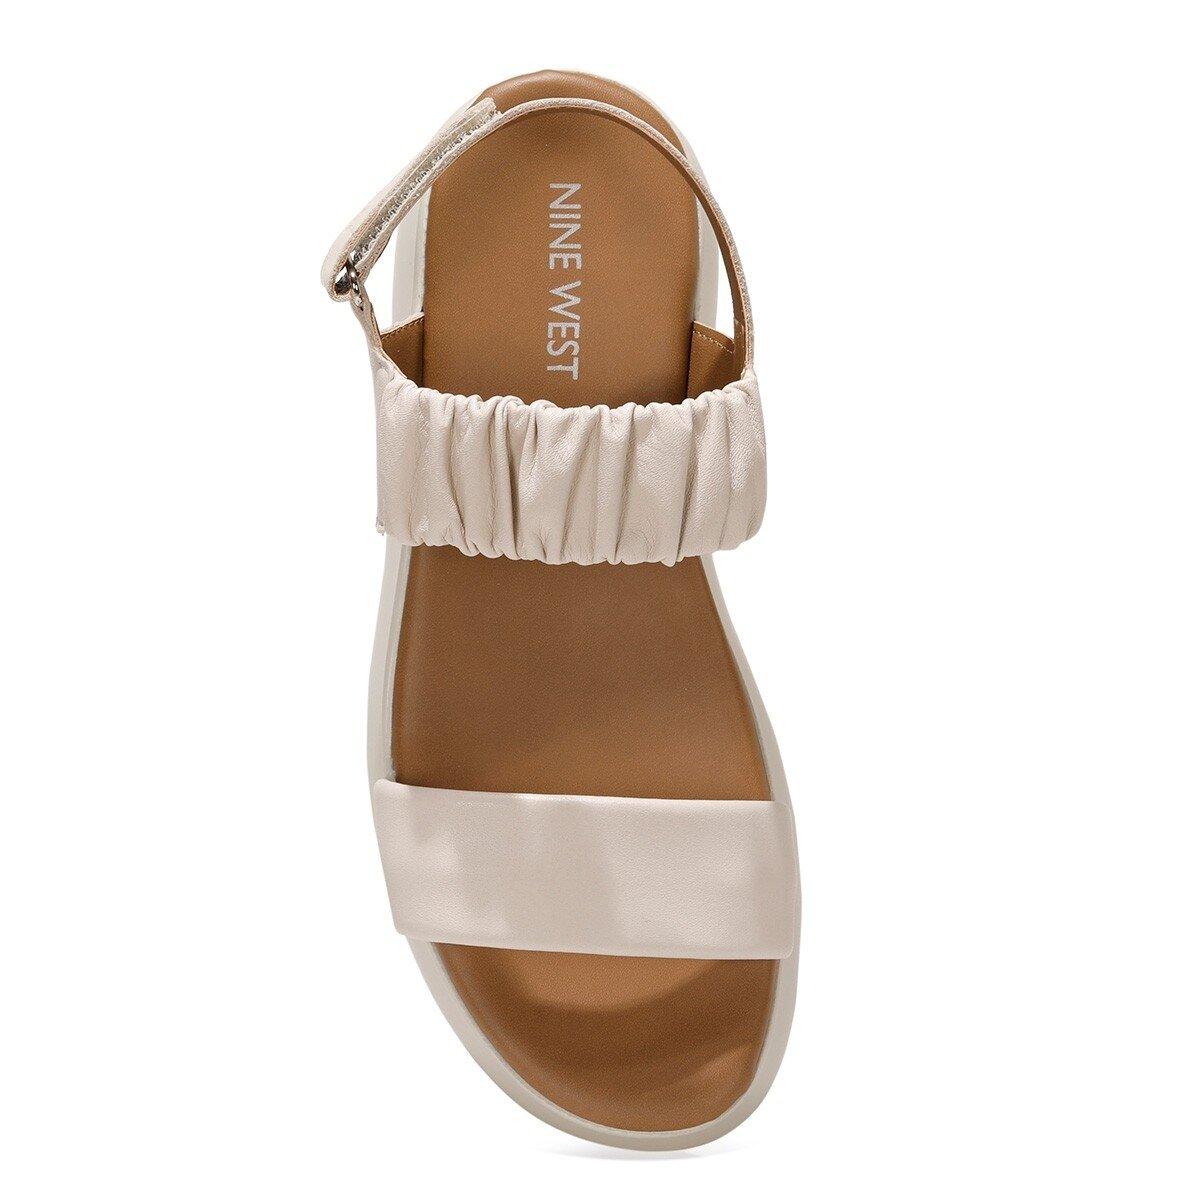 GUMO 1FX KIRIKBEYAZ Kadın Sandalet